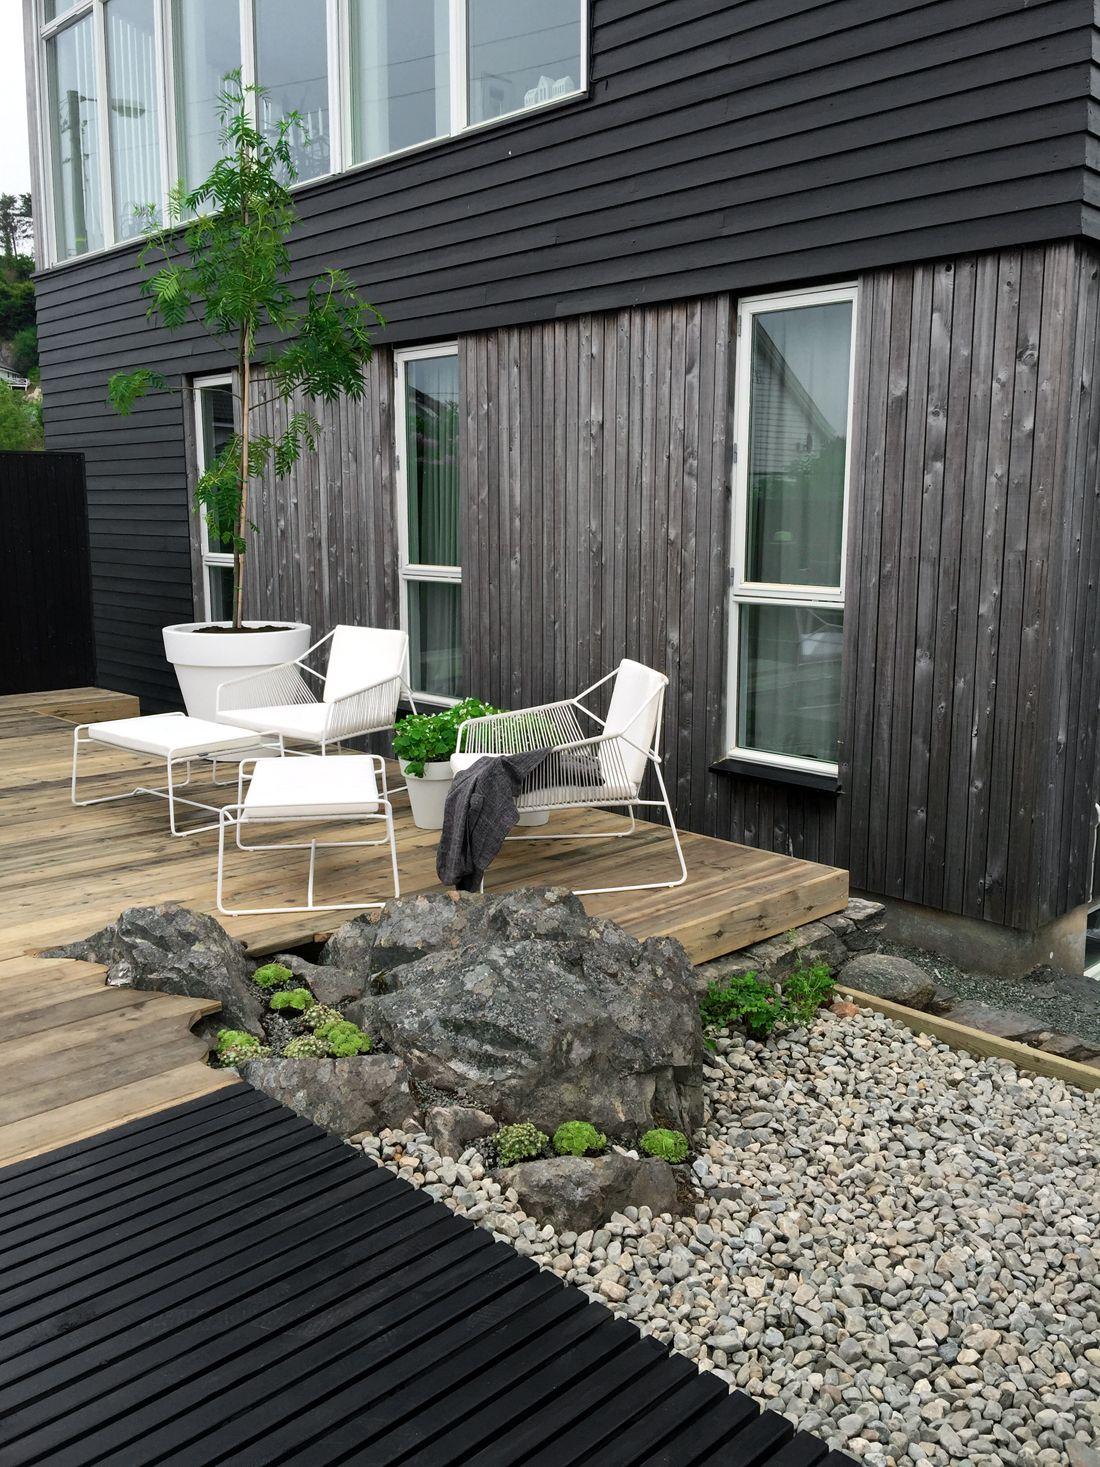 Modern garden house  Therese Knutsen  TV GARDEN DESIGN AT TV  Garður  Pinterest  TVs